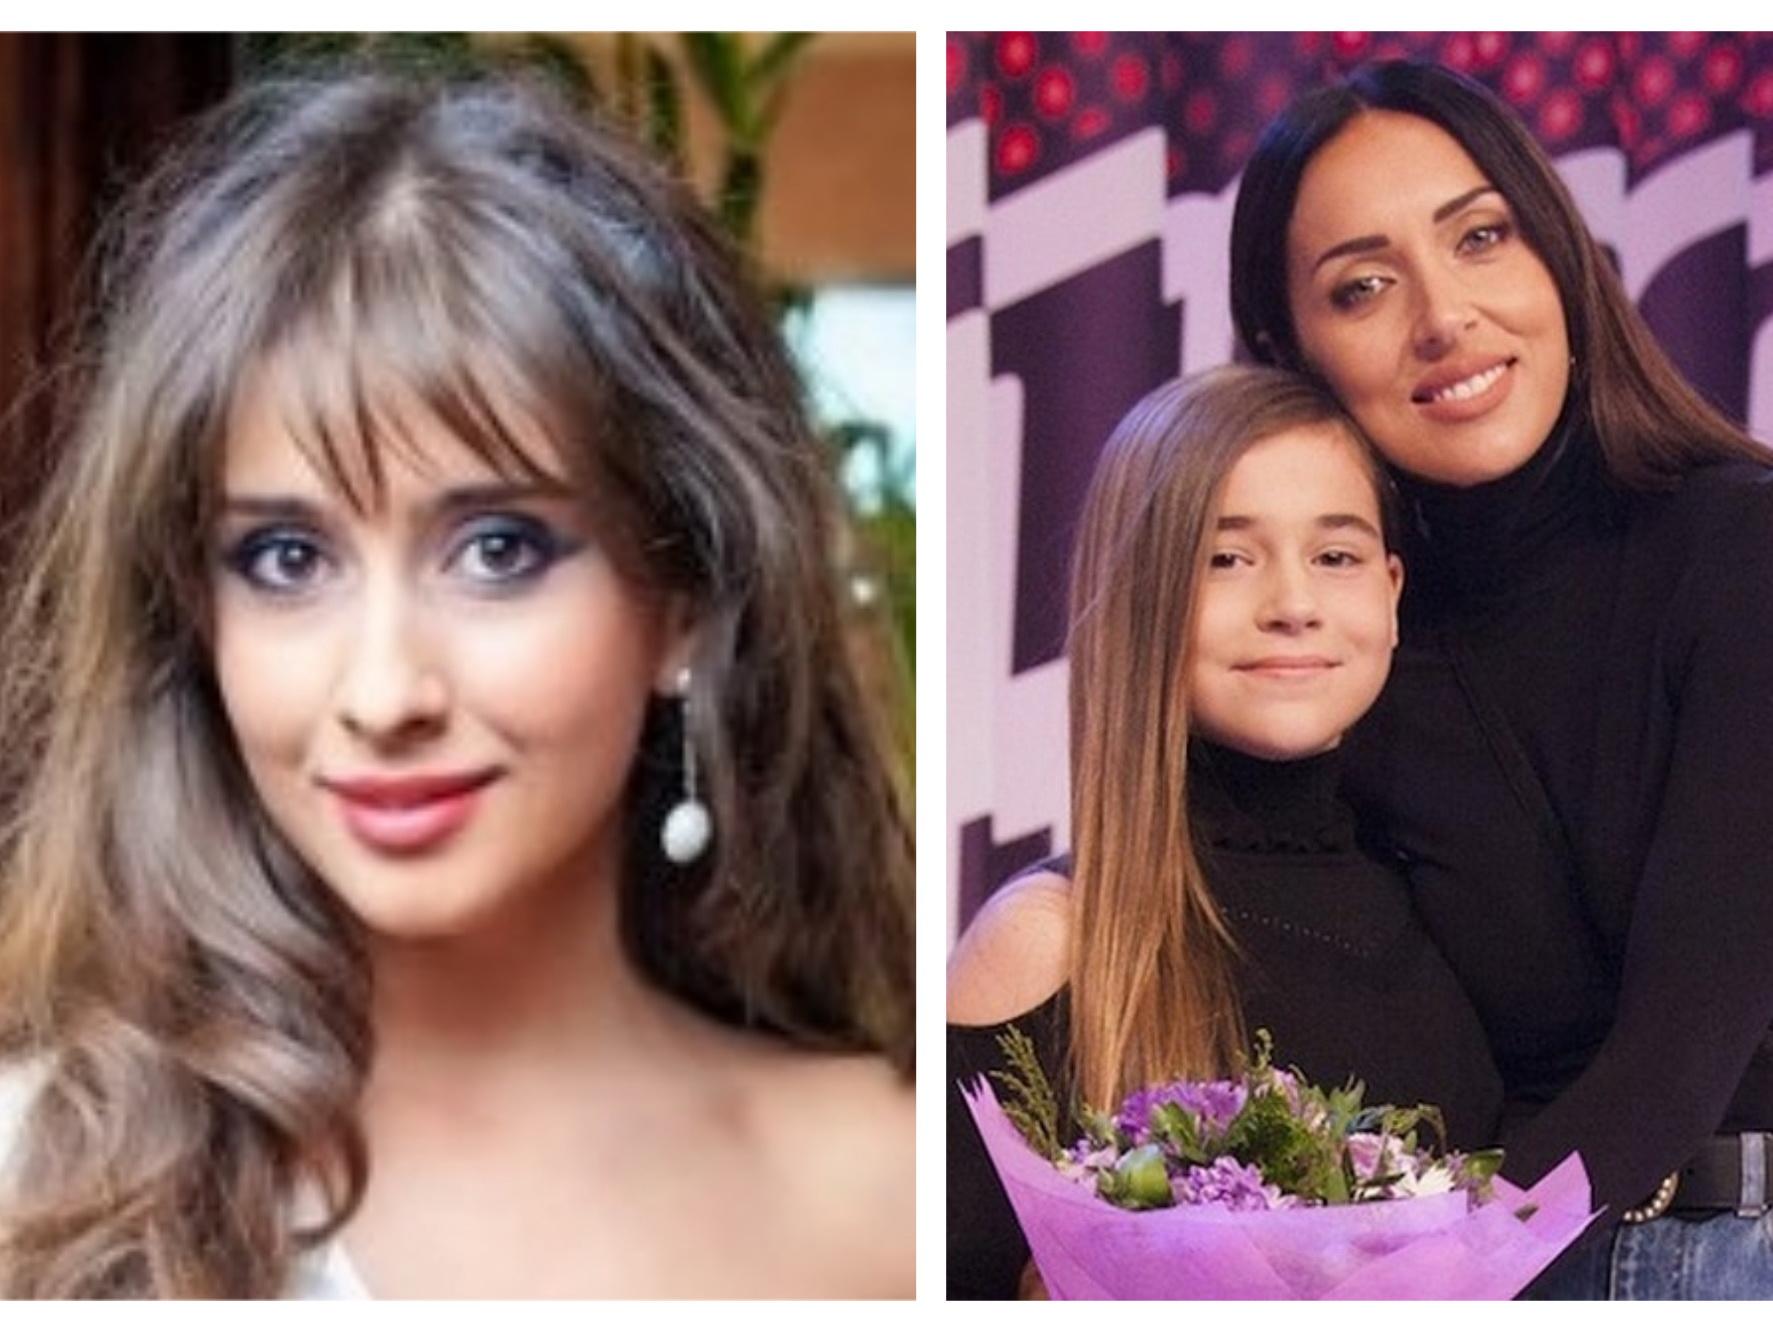 Лейла Гулиева: Историй, подобных скандалу с дочерью Алсу, в SƏS uşaqlar не будет - ФОТО - ВИДЕО